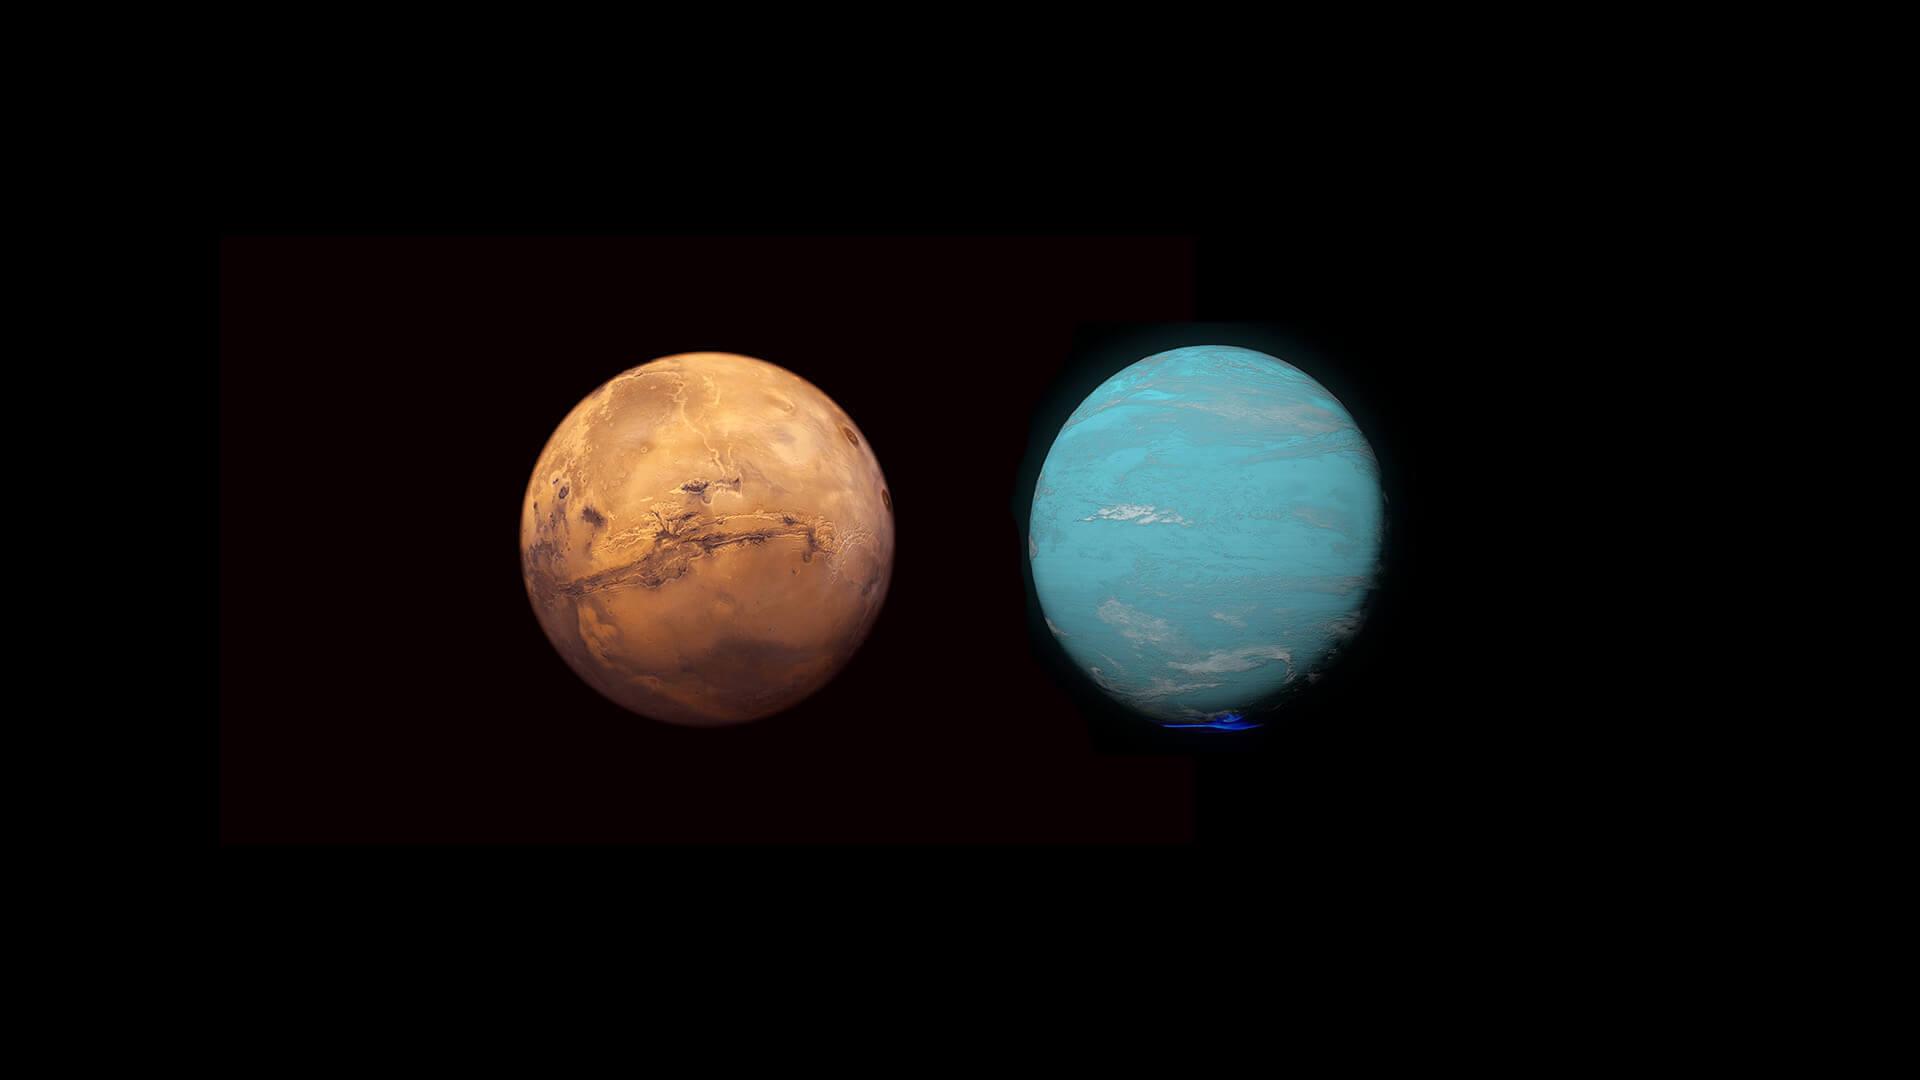 Mars conjunct Uranus